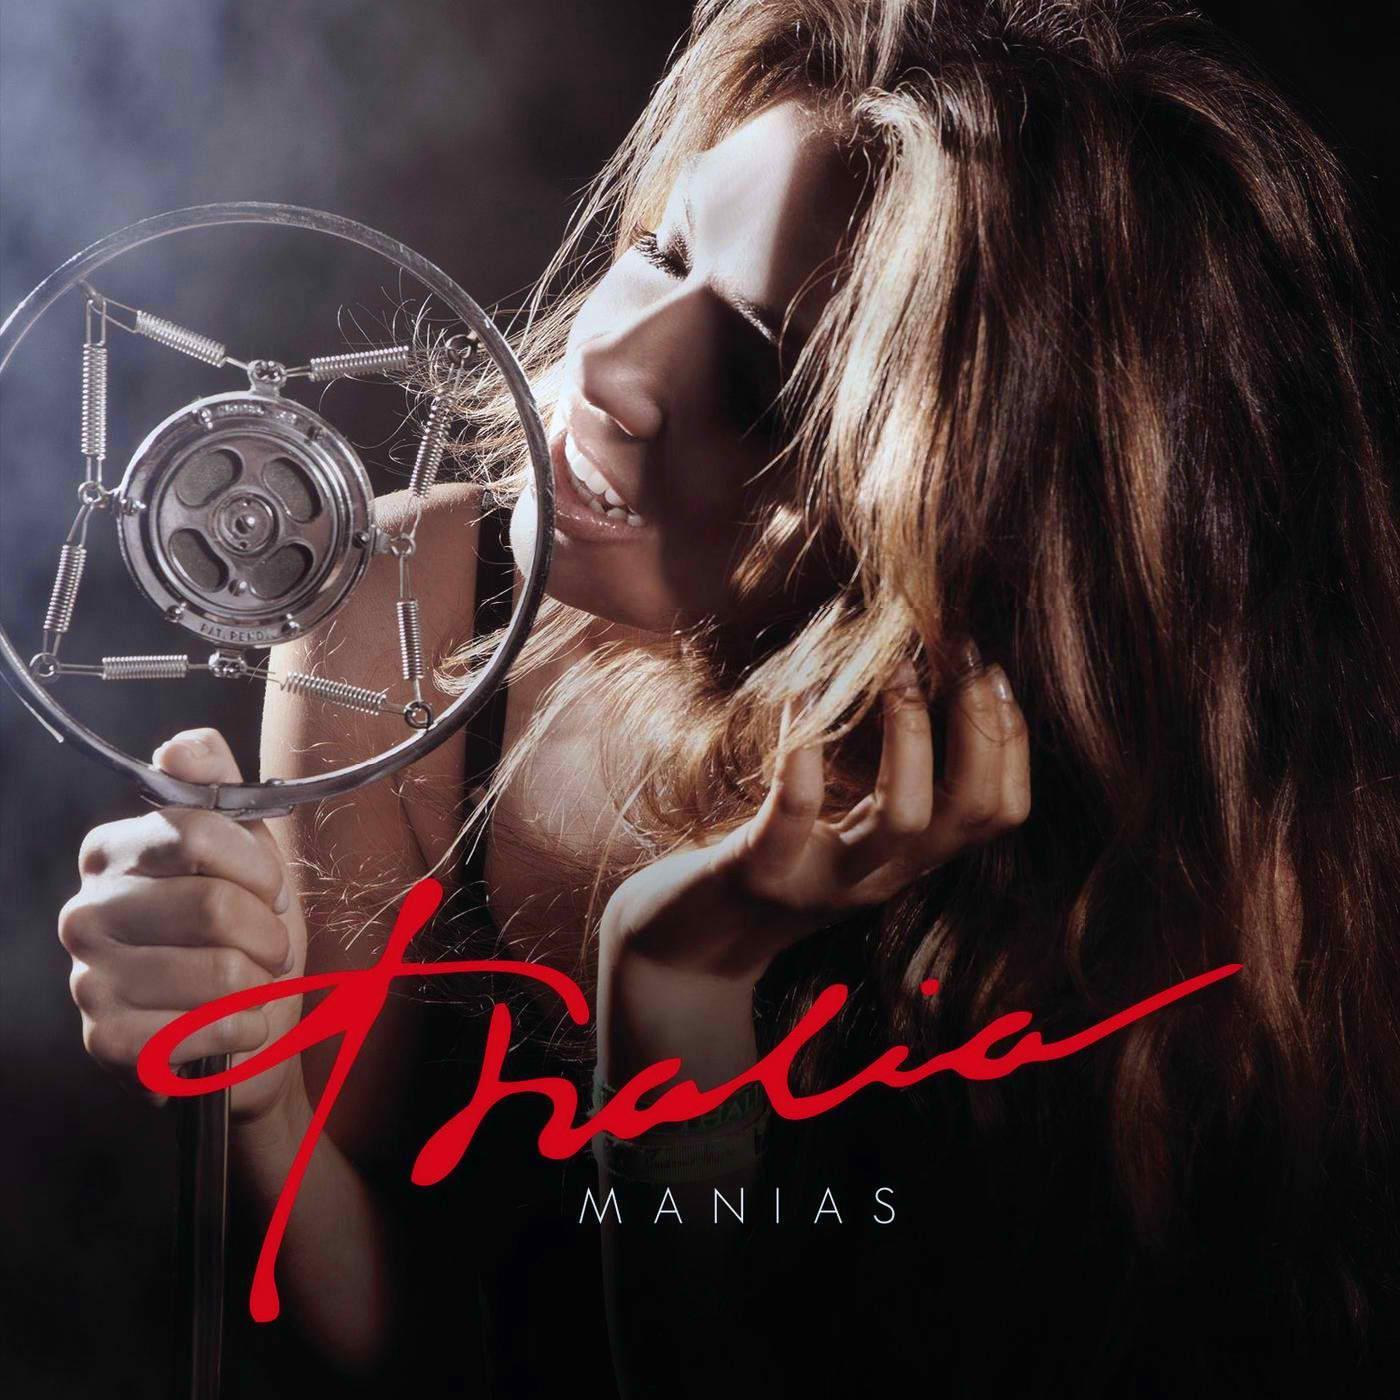 nuevo disco de thalia manias